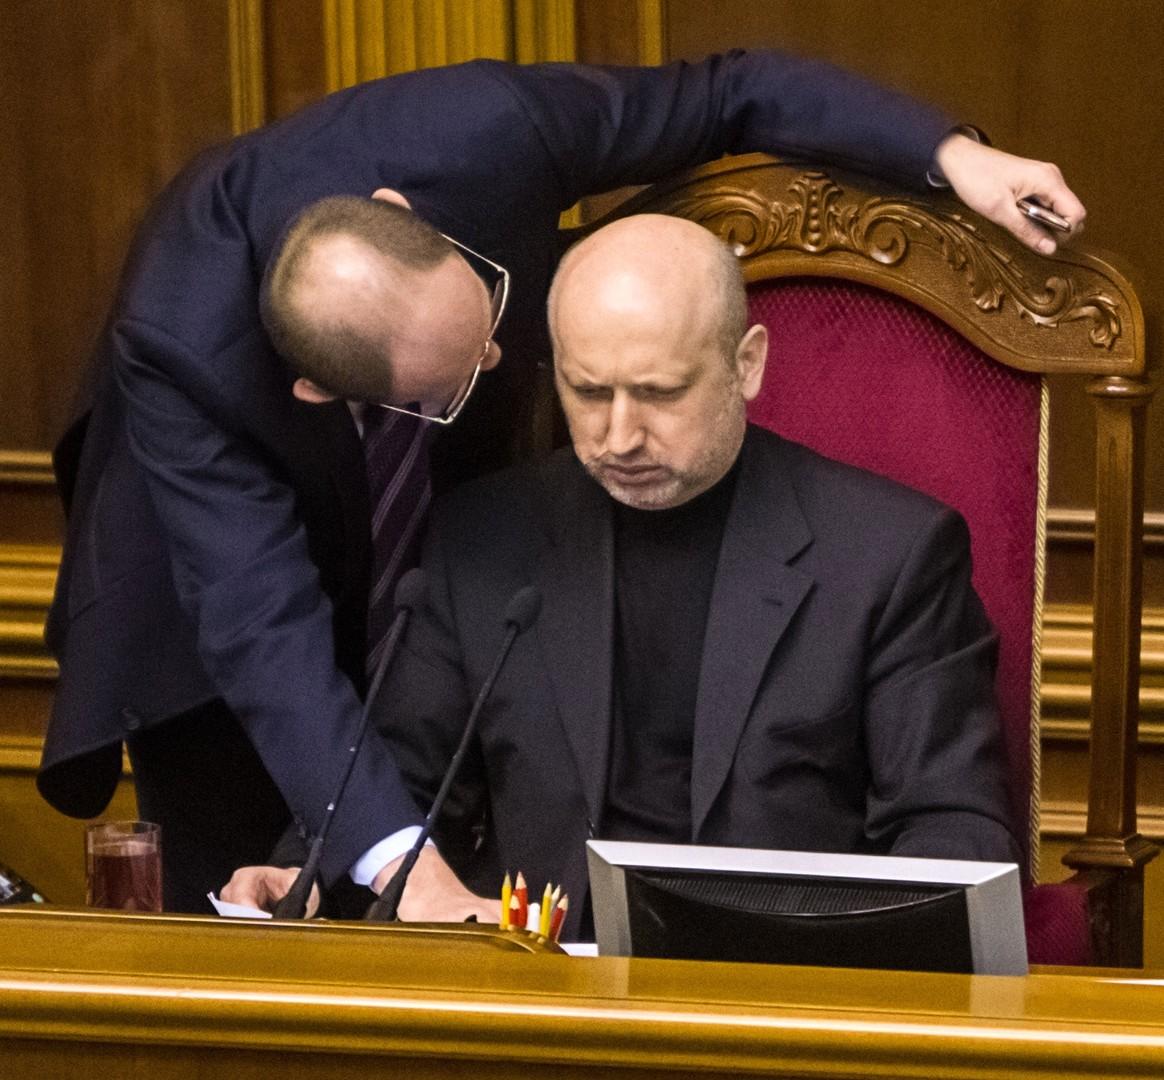 السكرتير السابق لمجلس الأمن القومي والدفاع الأوكراني، ألكسندر تورتشينوف (صورة أرشيفية)